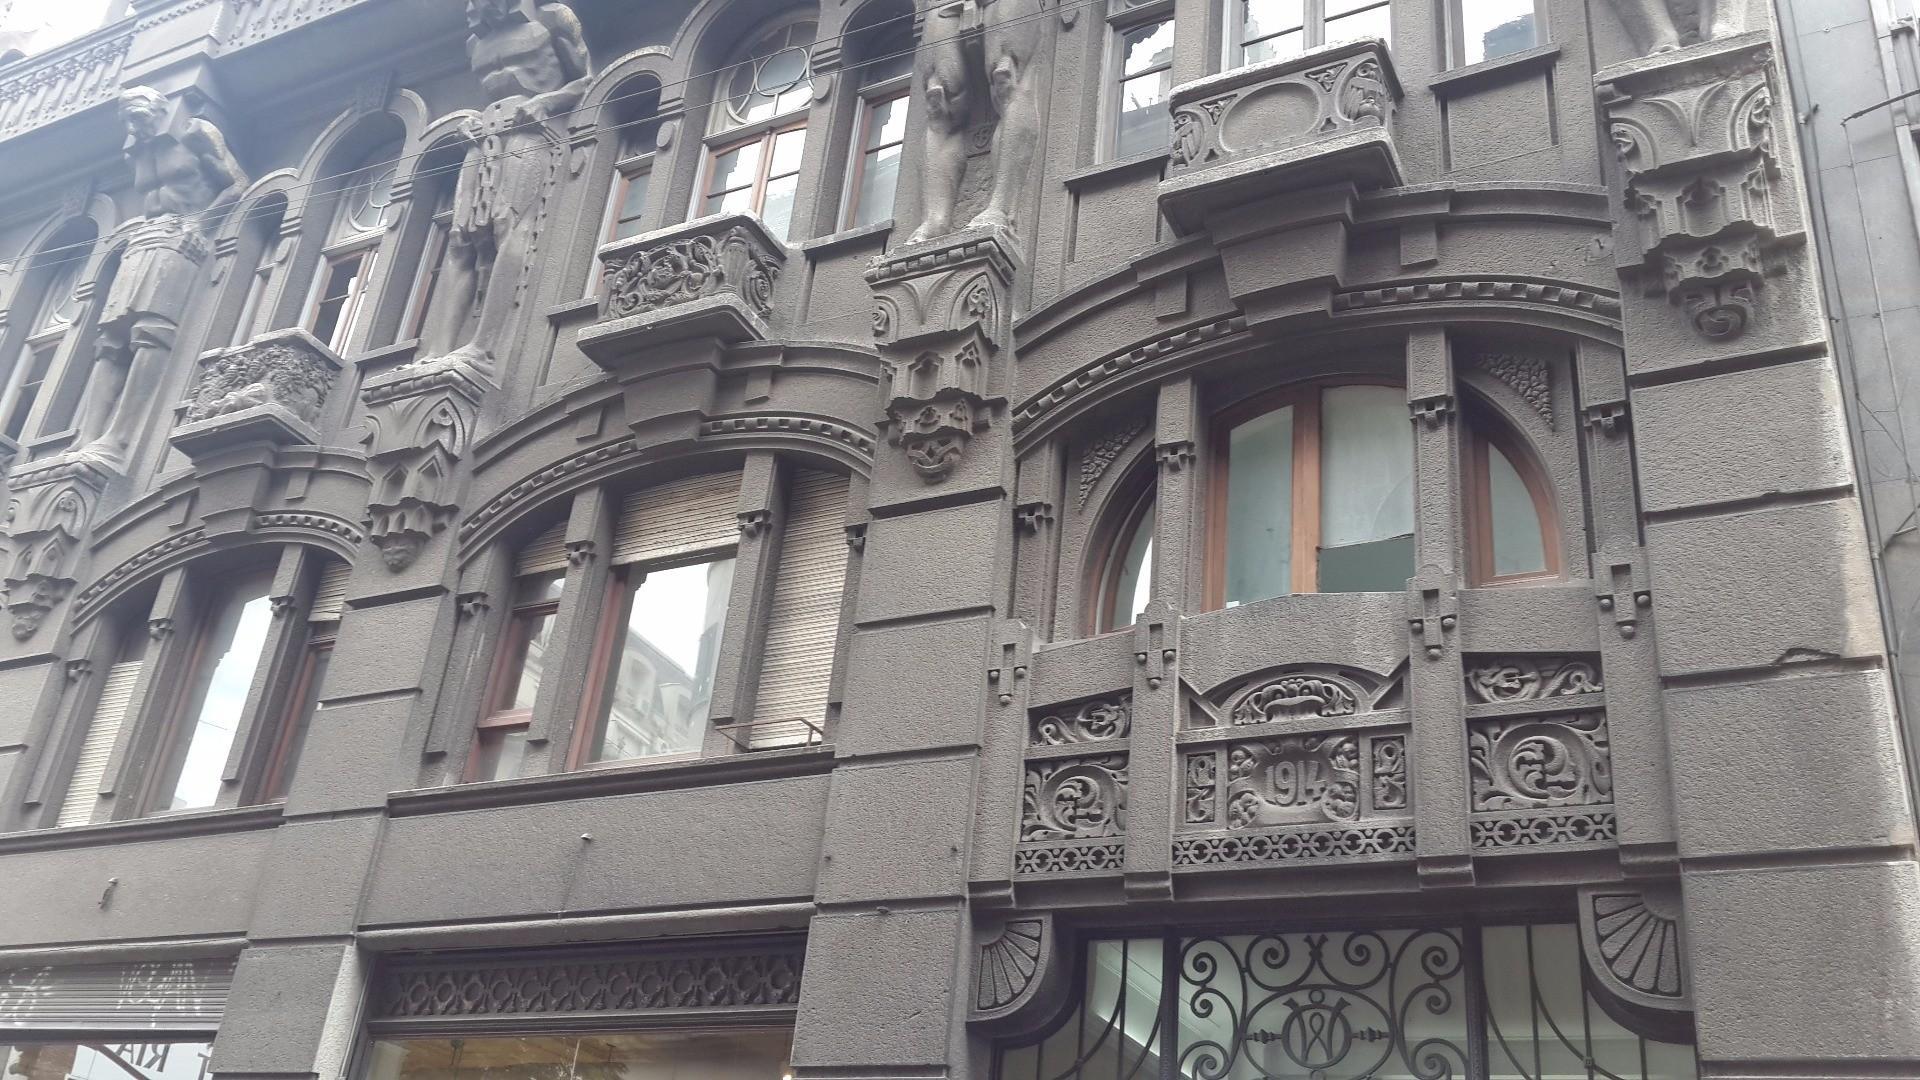 Perú y Av Belgrano Oficina c/Renta Aseg.Fte. Esq. Bcón 55 m². 1 Desp. + Á -Trab.